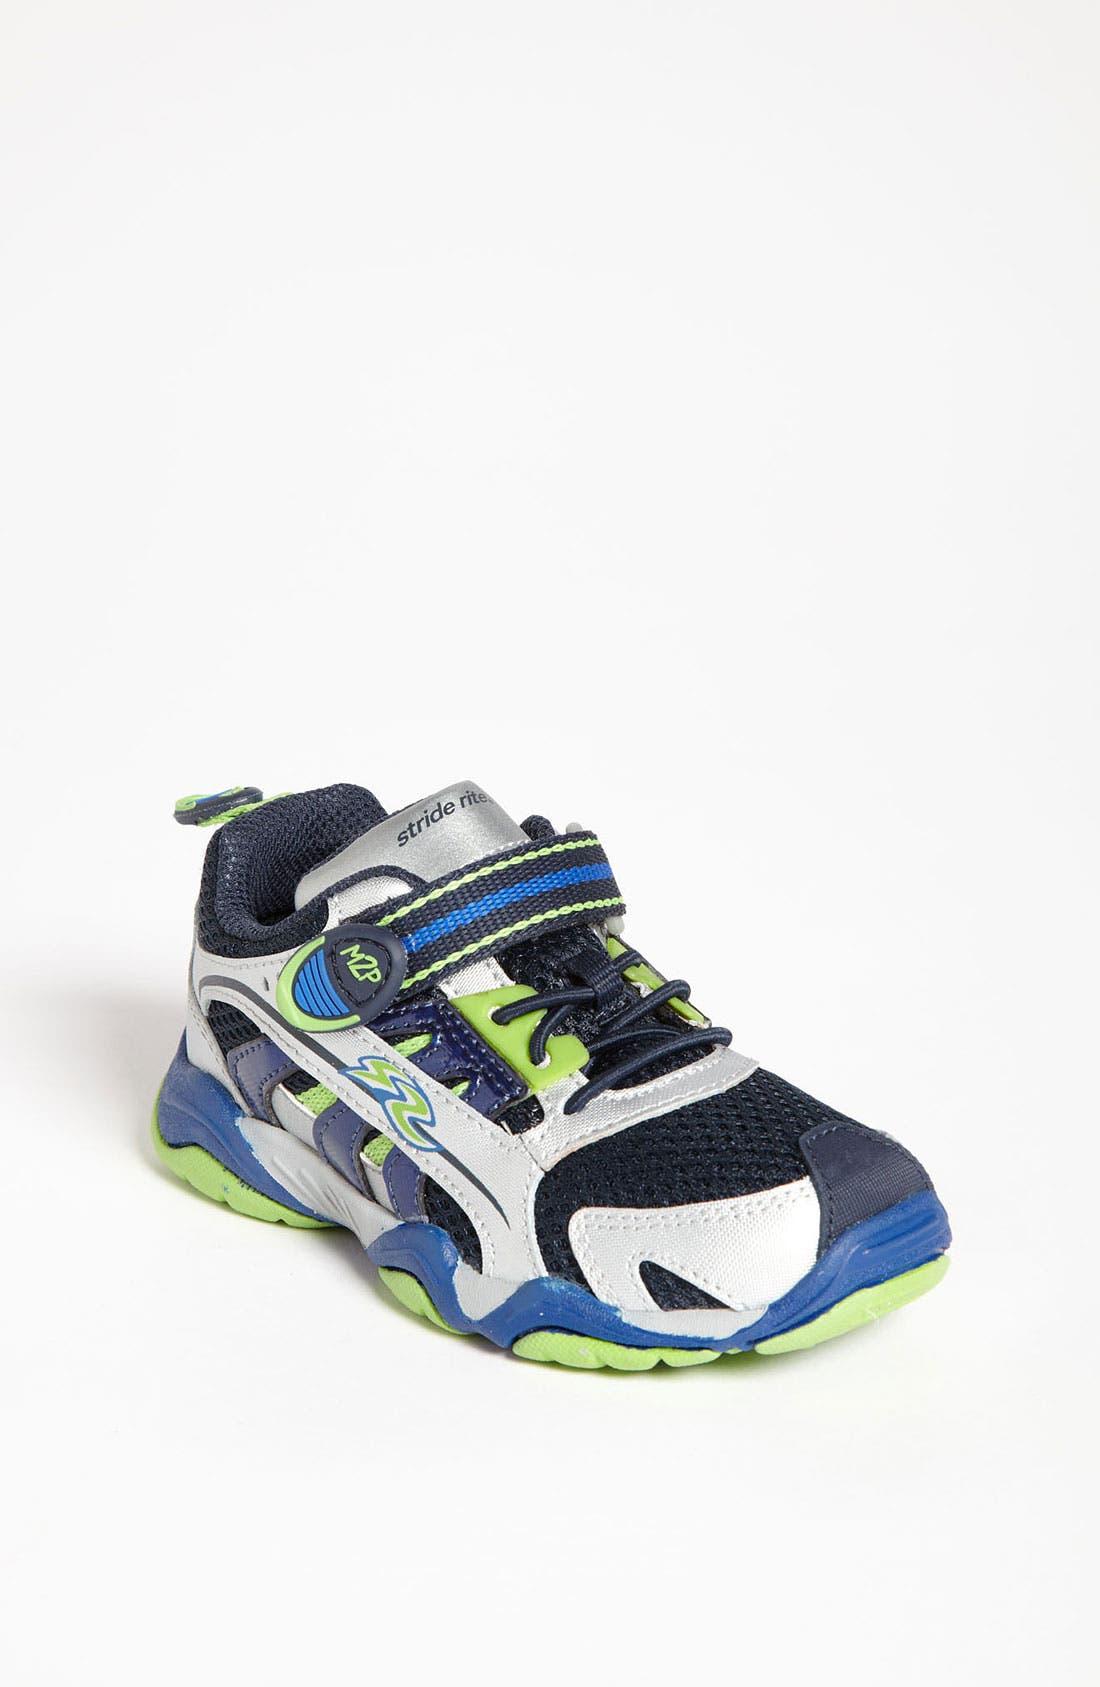 Main Image - Stride Rite 'Thorpe' Sneaker (Toddler)